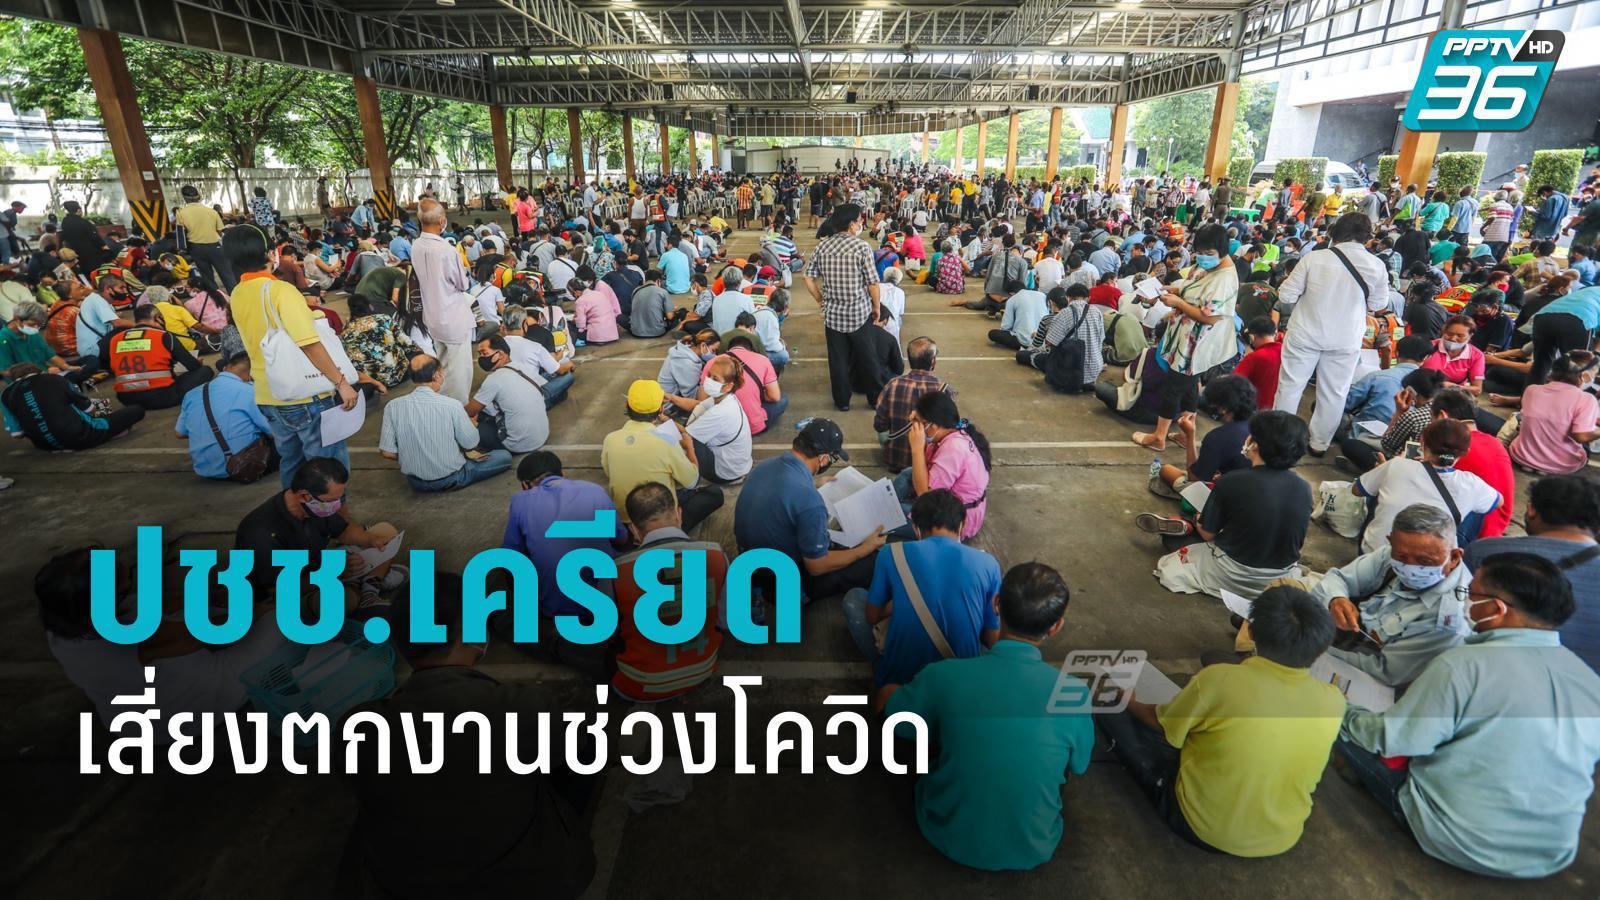 ม.หอการค้าไทย เผยผลวิจัย ปชช.เกินครึ่งเครียดเสี่ยงตกงาน ช่วง โควิด -19